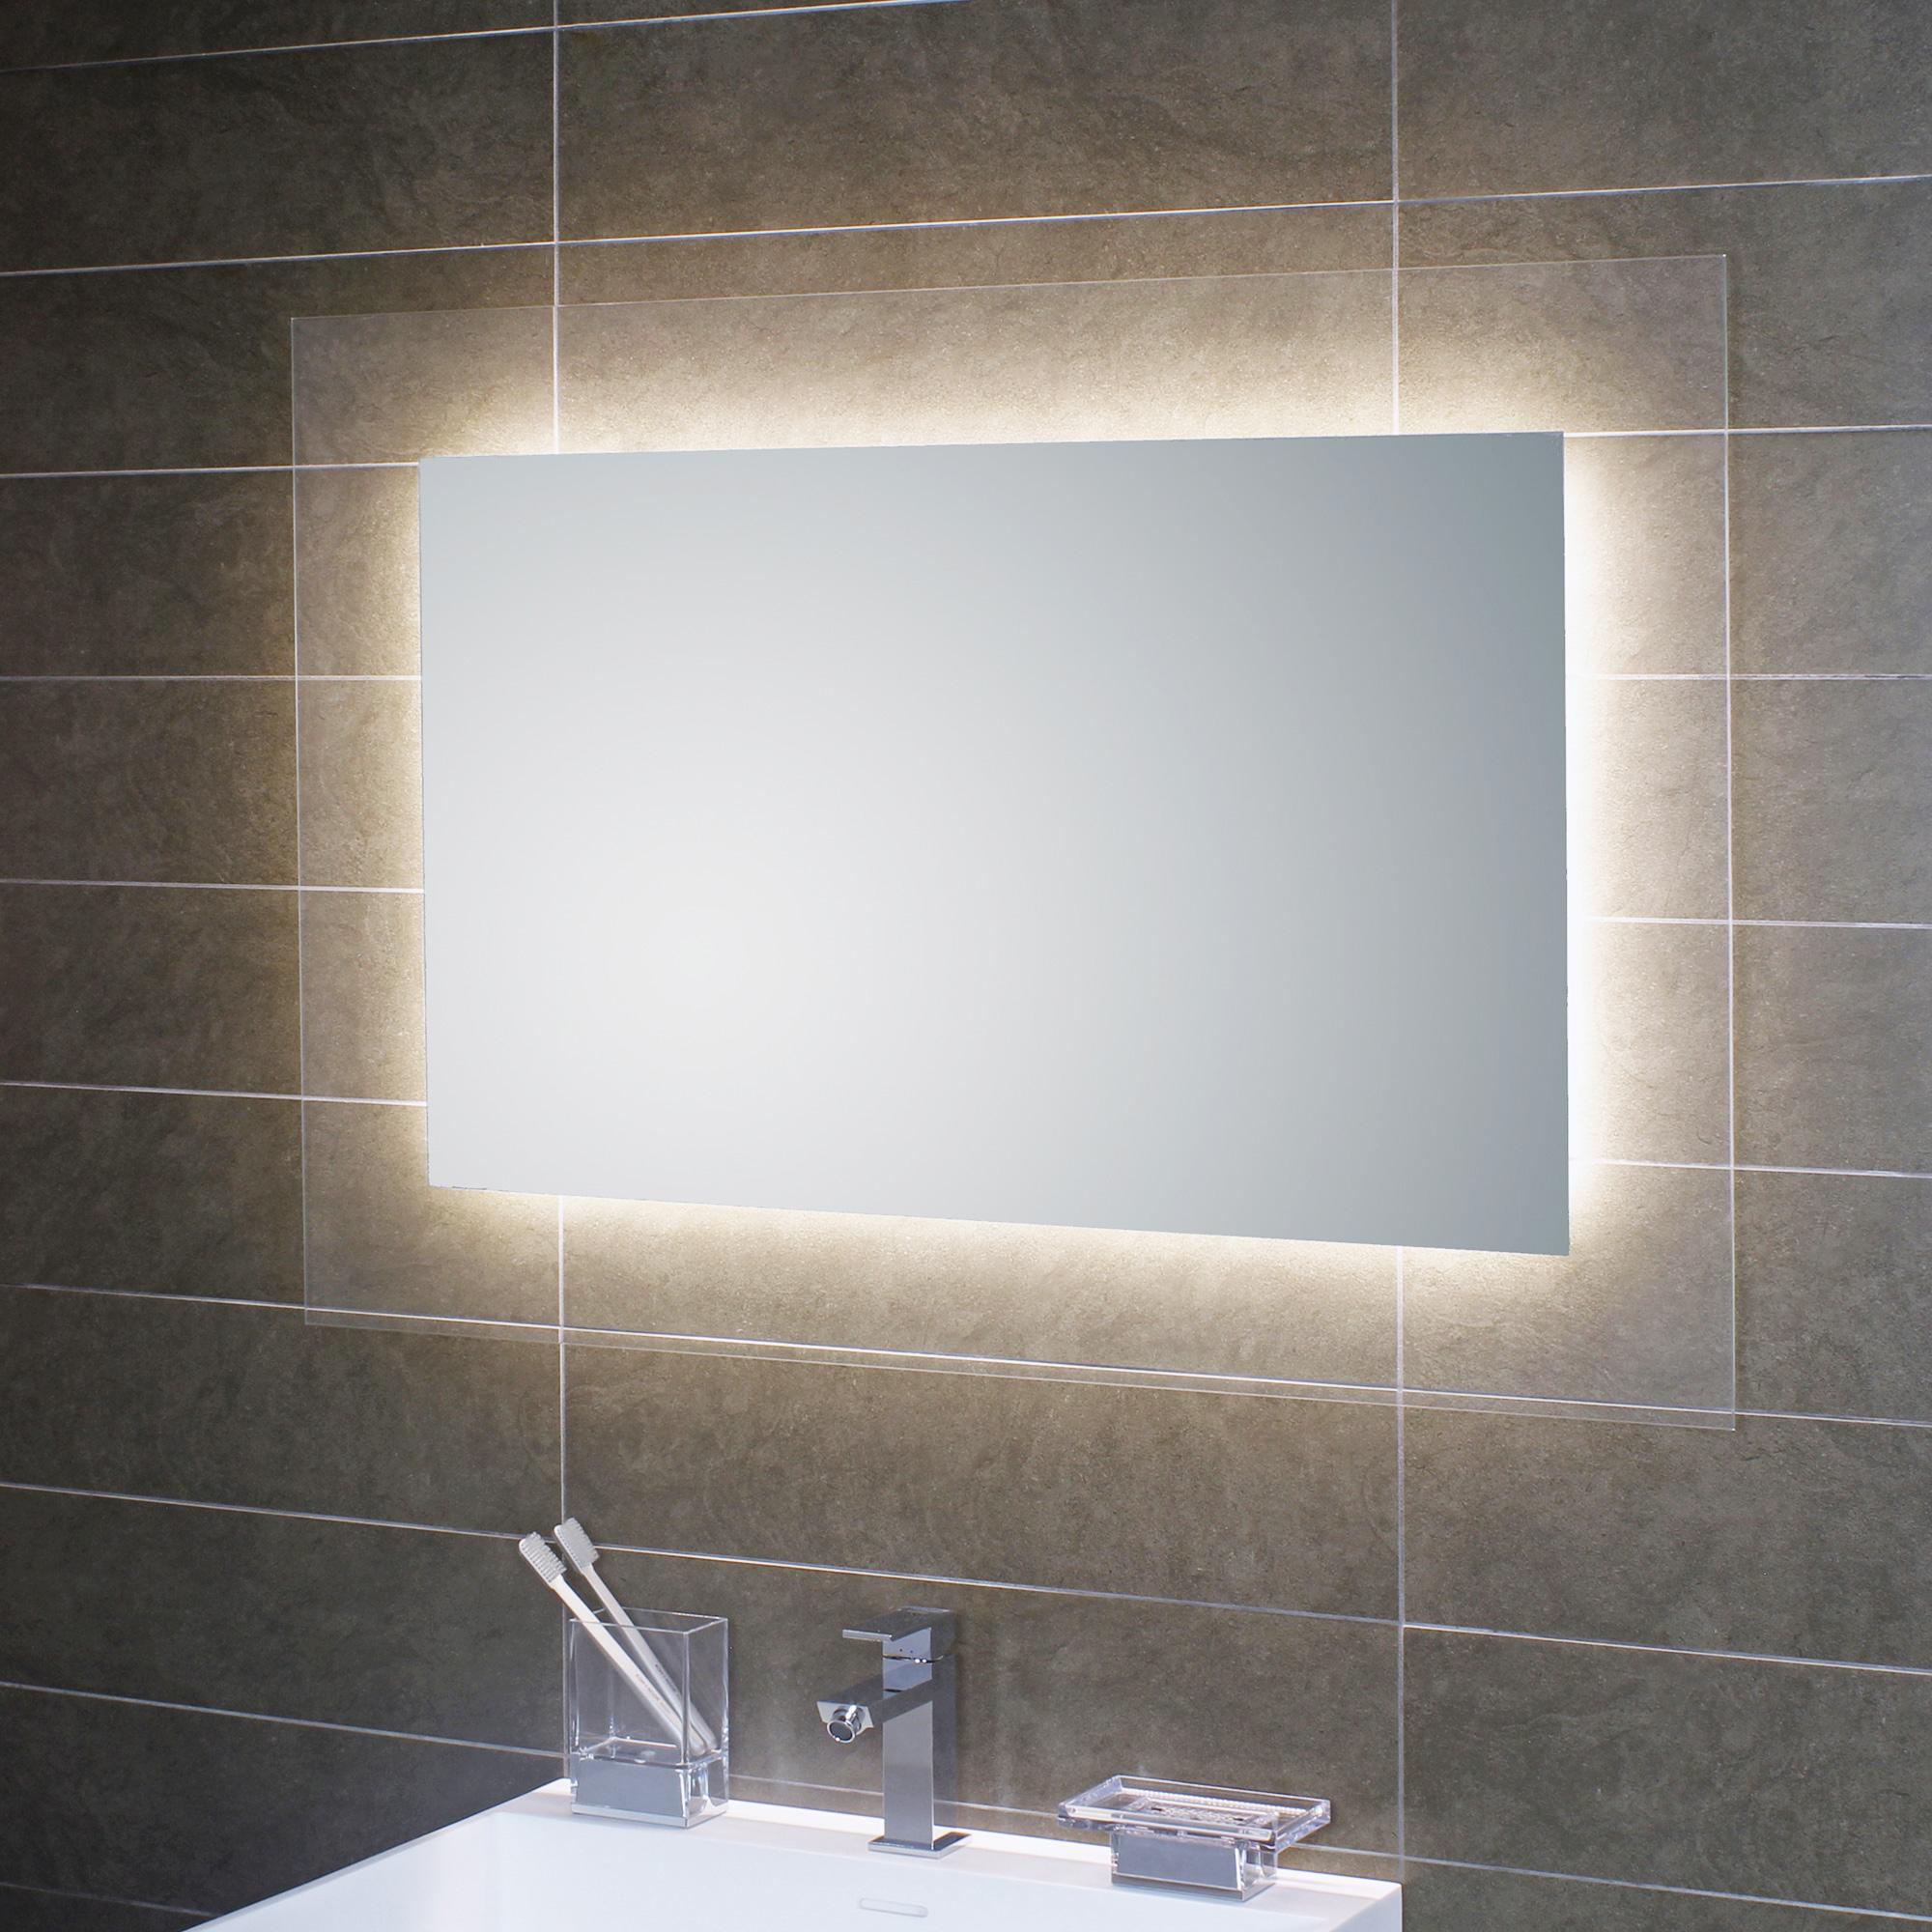 koh i noor geometrie 1 led spiegel hinterleuchtet l45939 reuter onlineshop. Black Bedroom Furniture Sets. Home Design Ideas